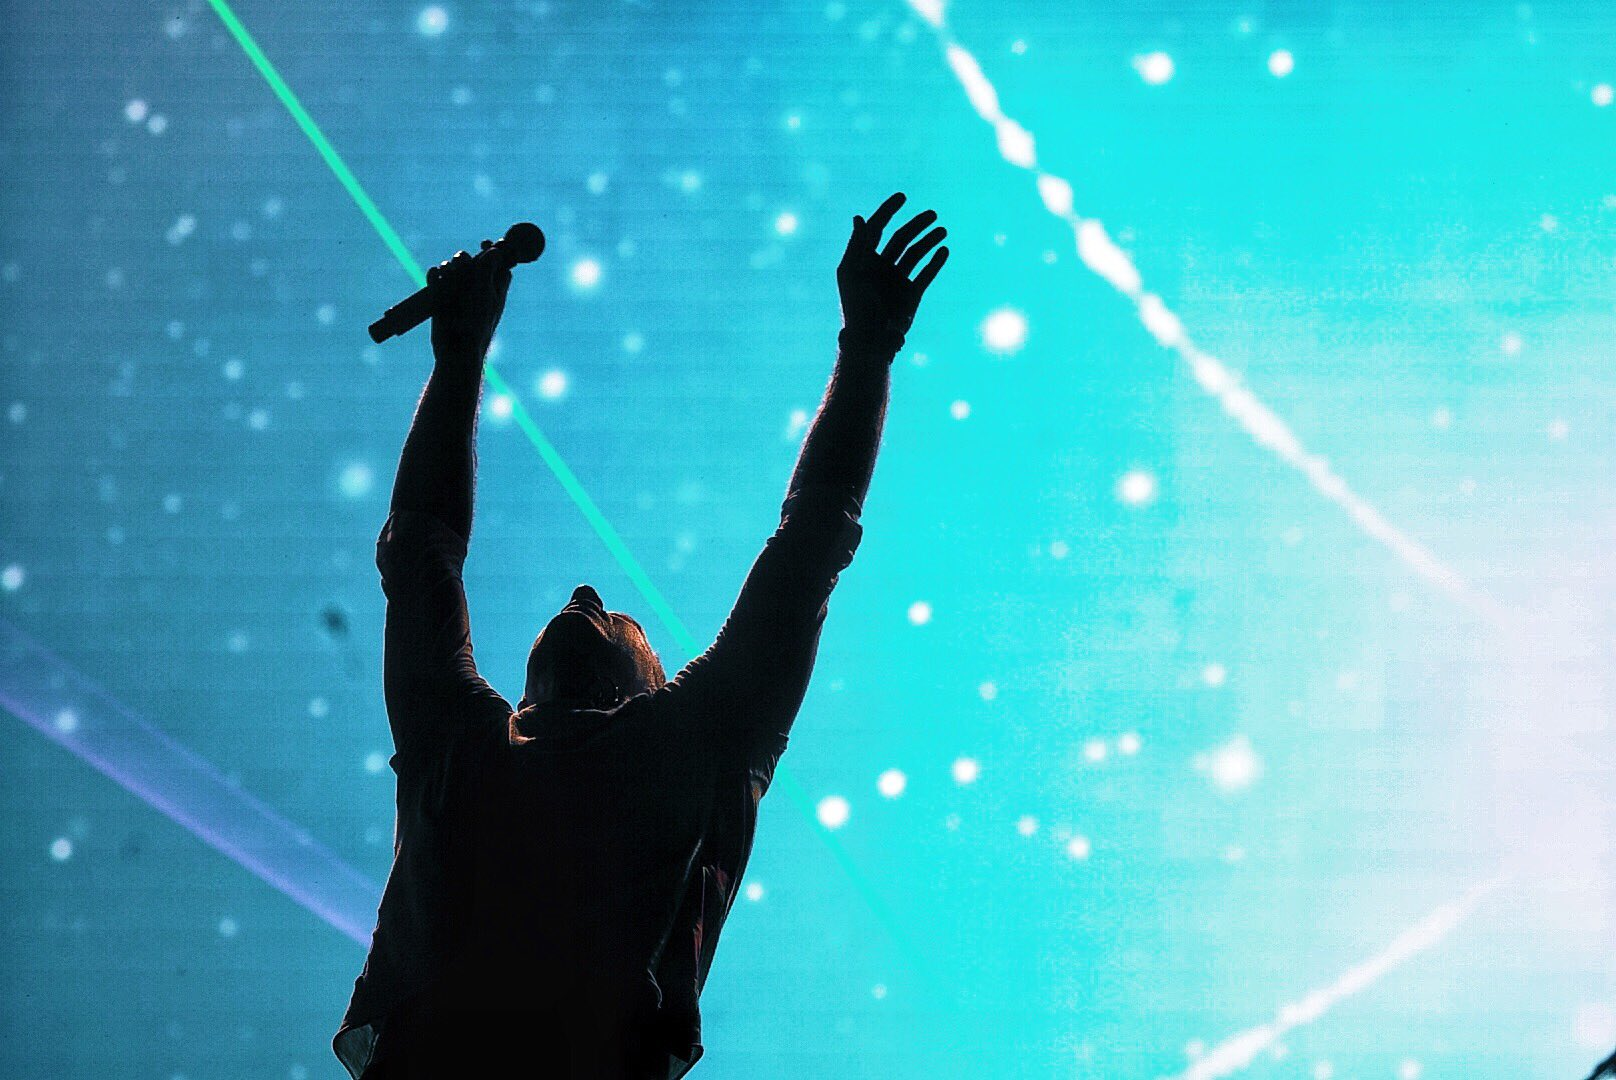 A Sky.... #ColdplaySeattle R42 https://t.co/6WAyKzPSLz